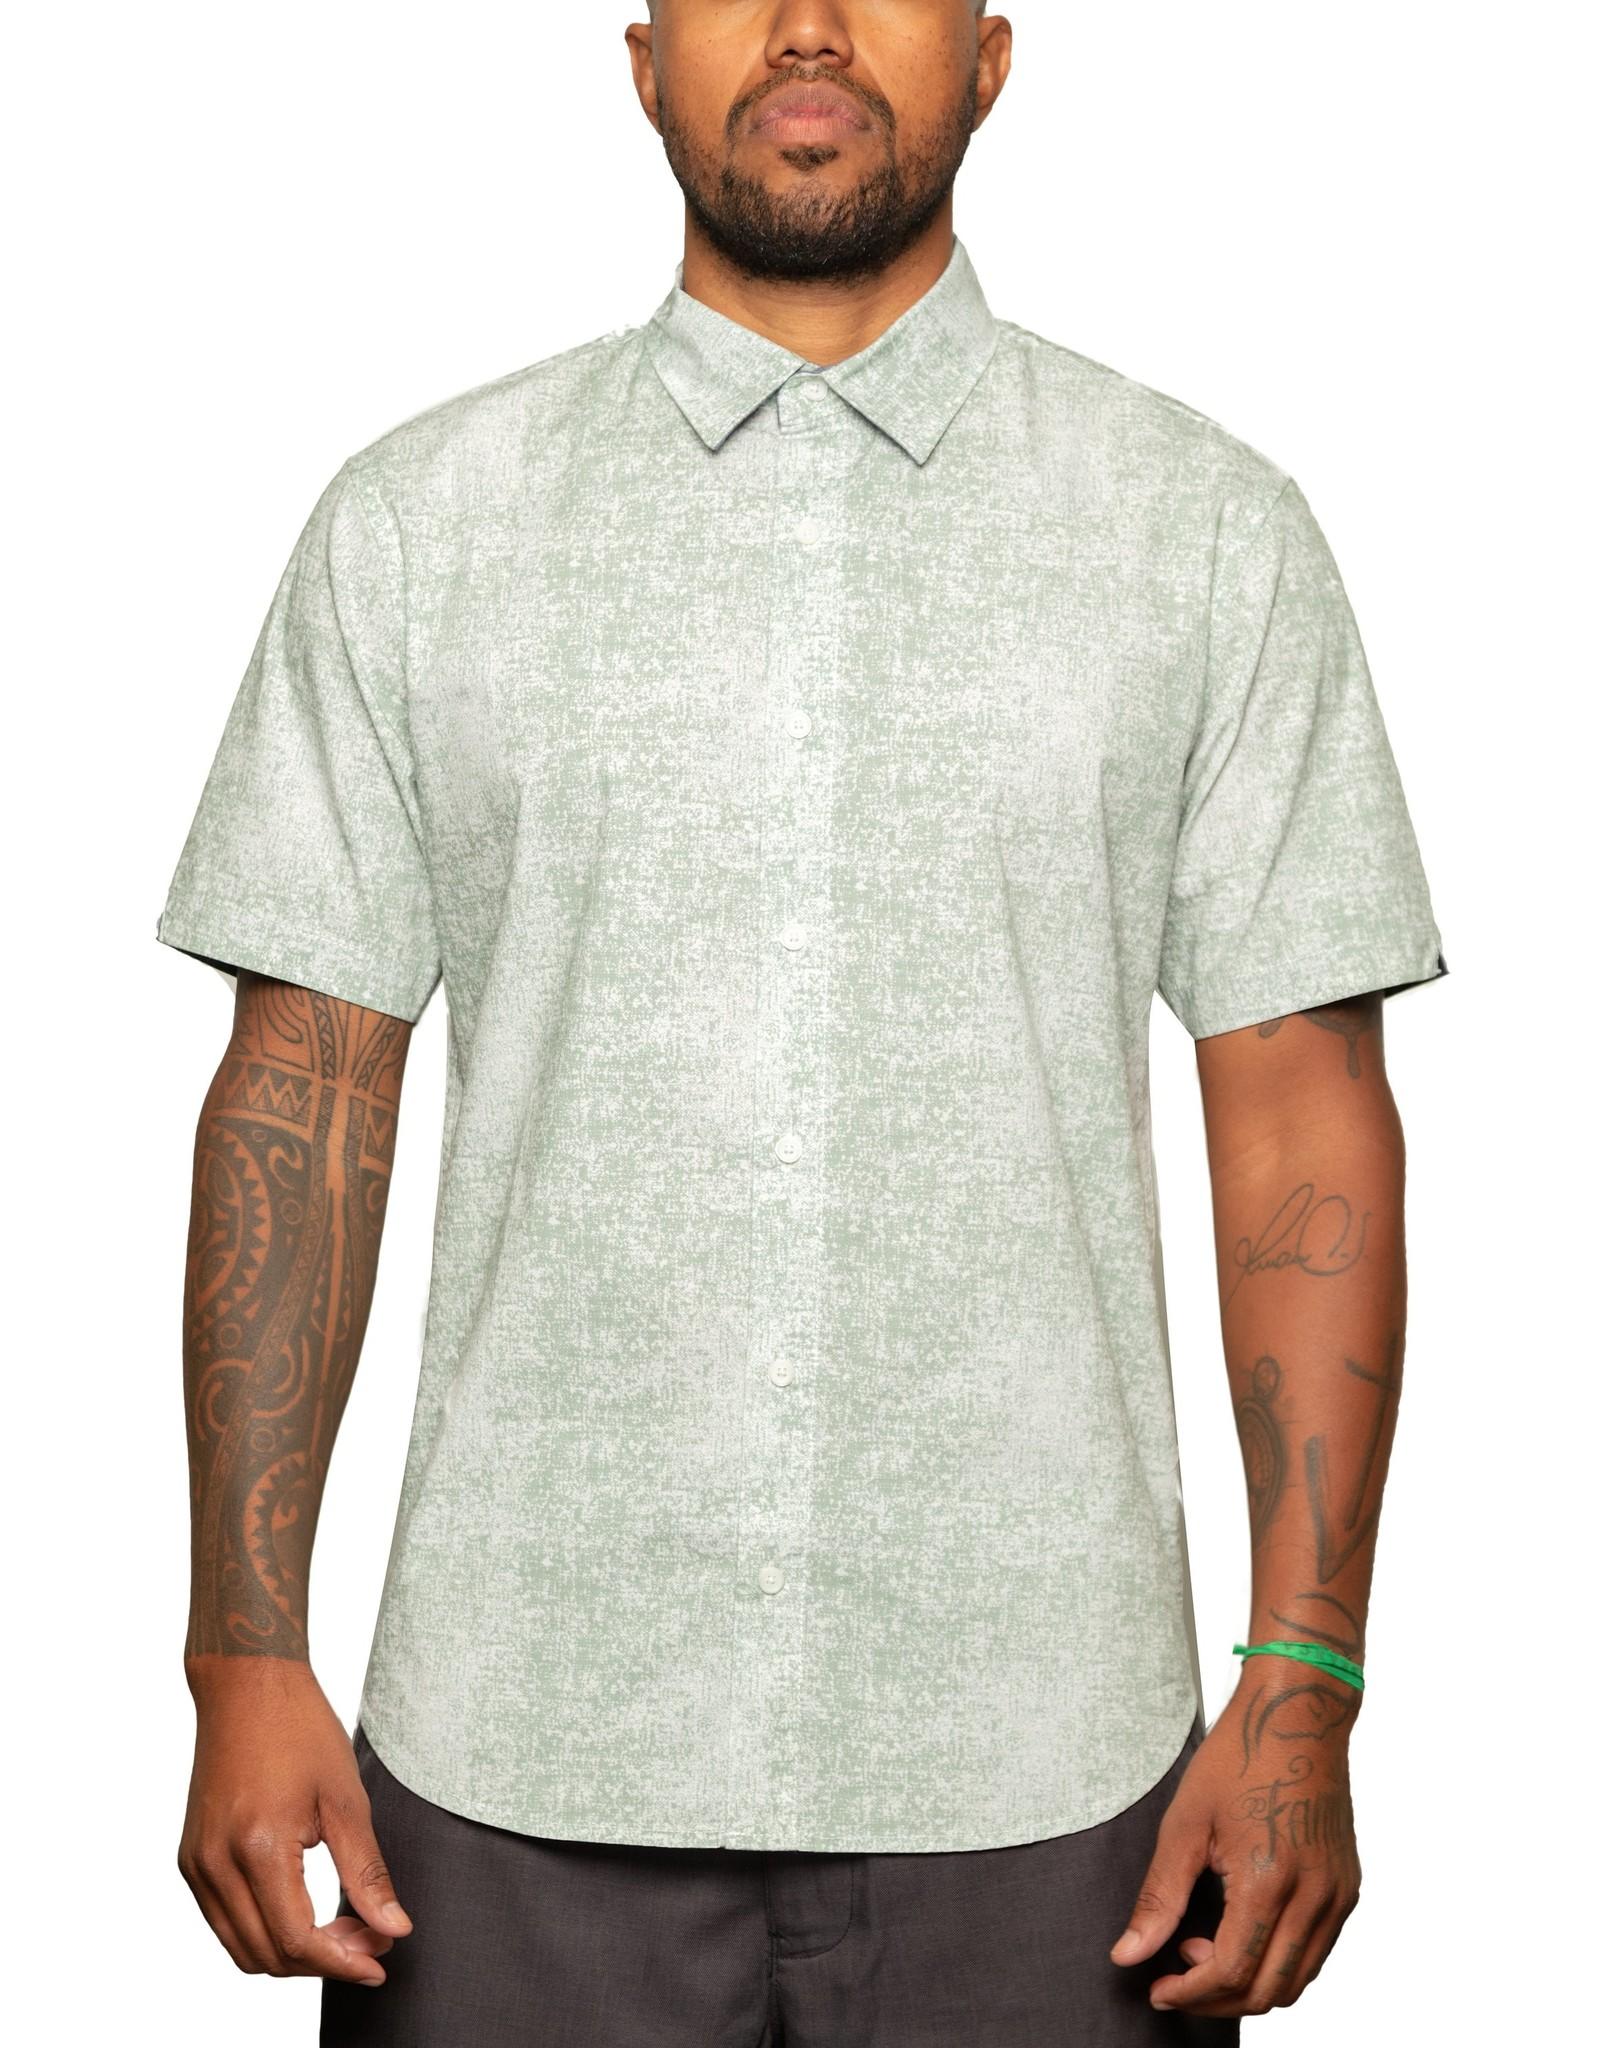 Fundamental Coast Epic Iron Short Sleeve Shirt